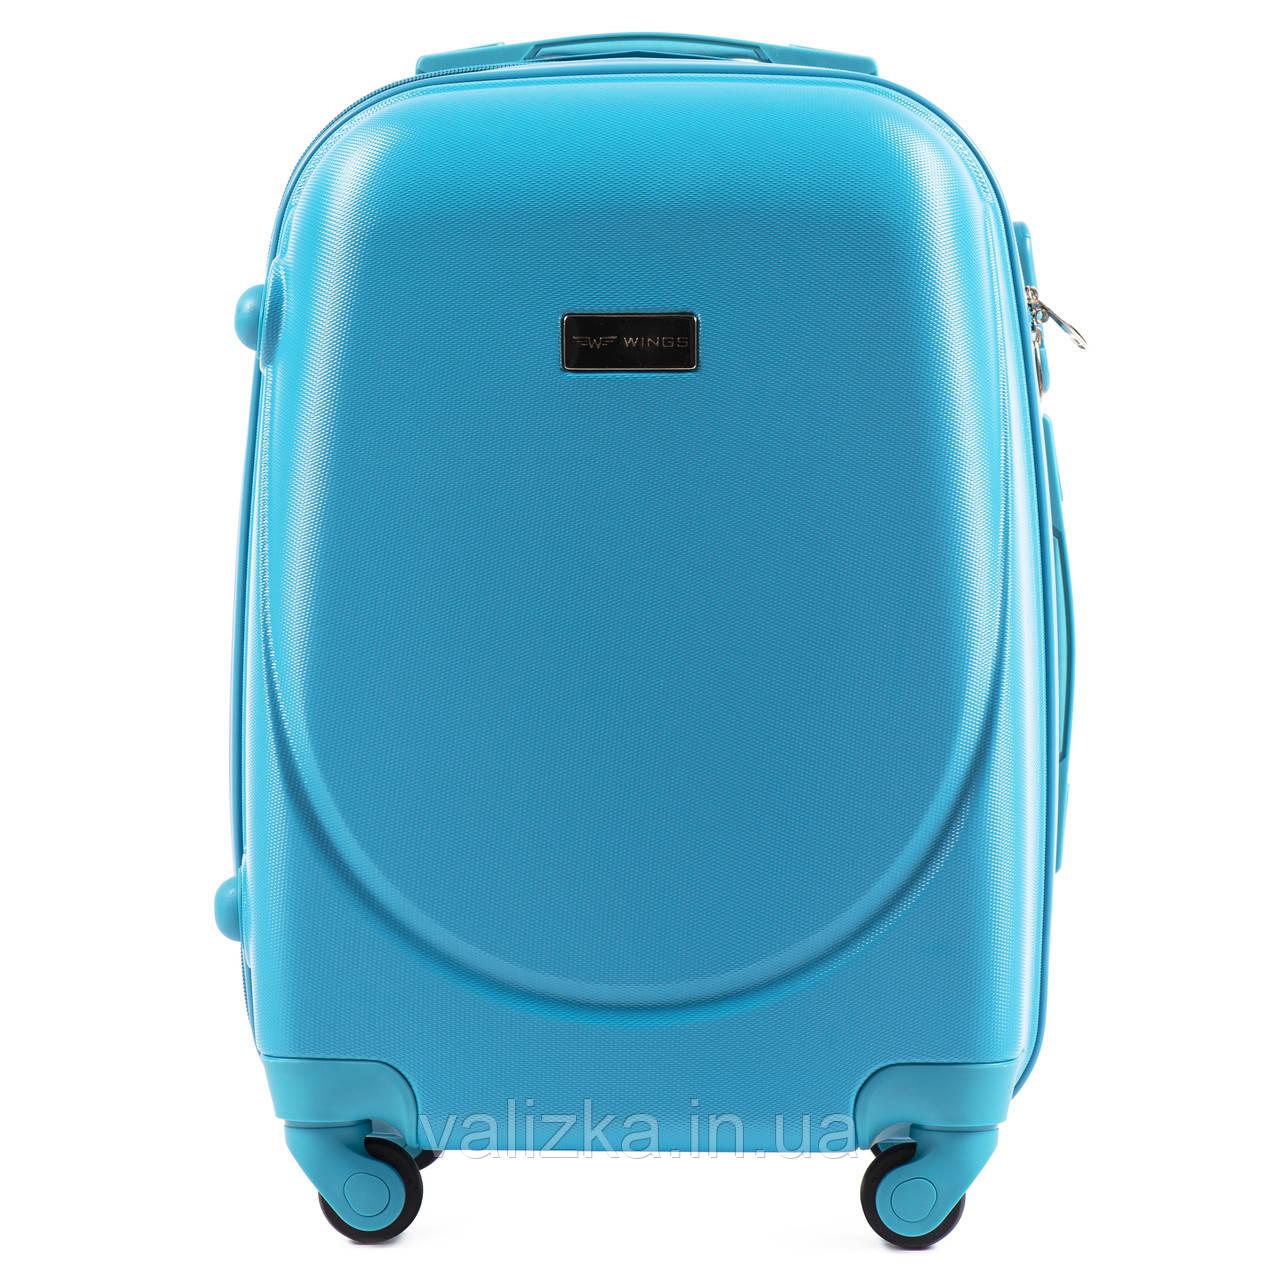 Пластиковый чемодан малый голубой с фурнитурой в цвет S+ ручная кладь Wings K310